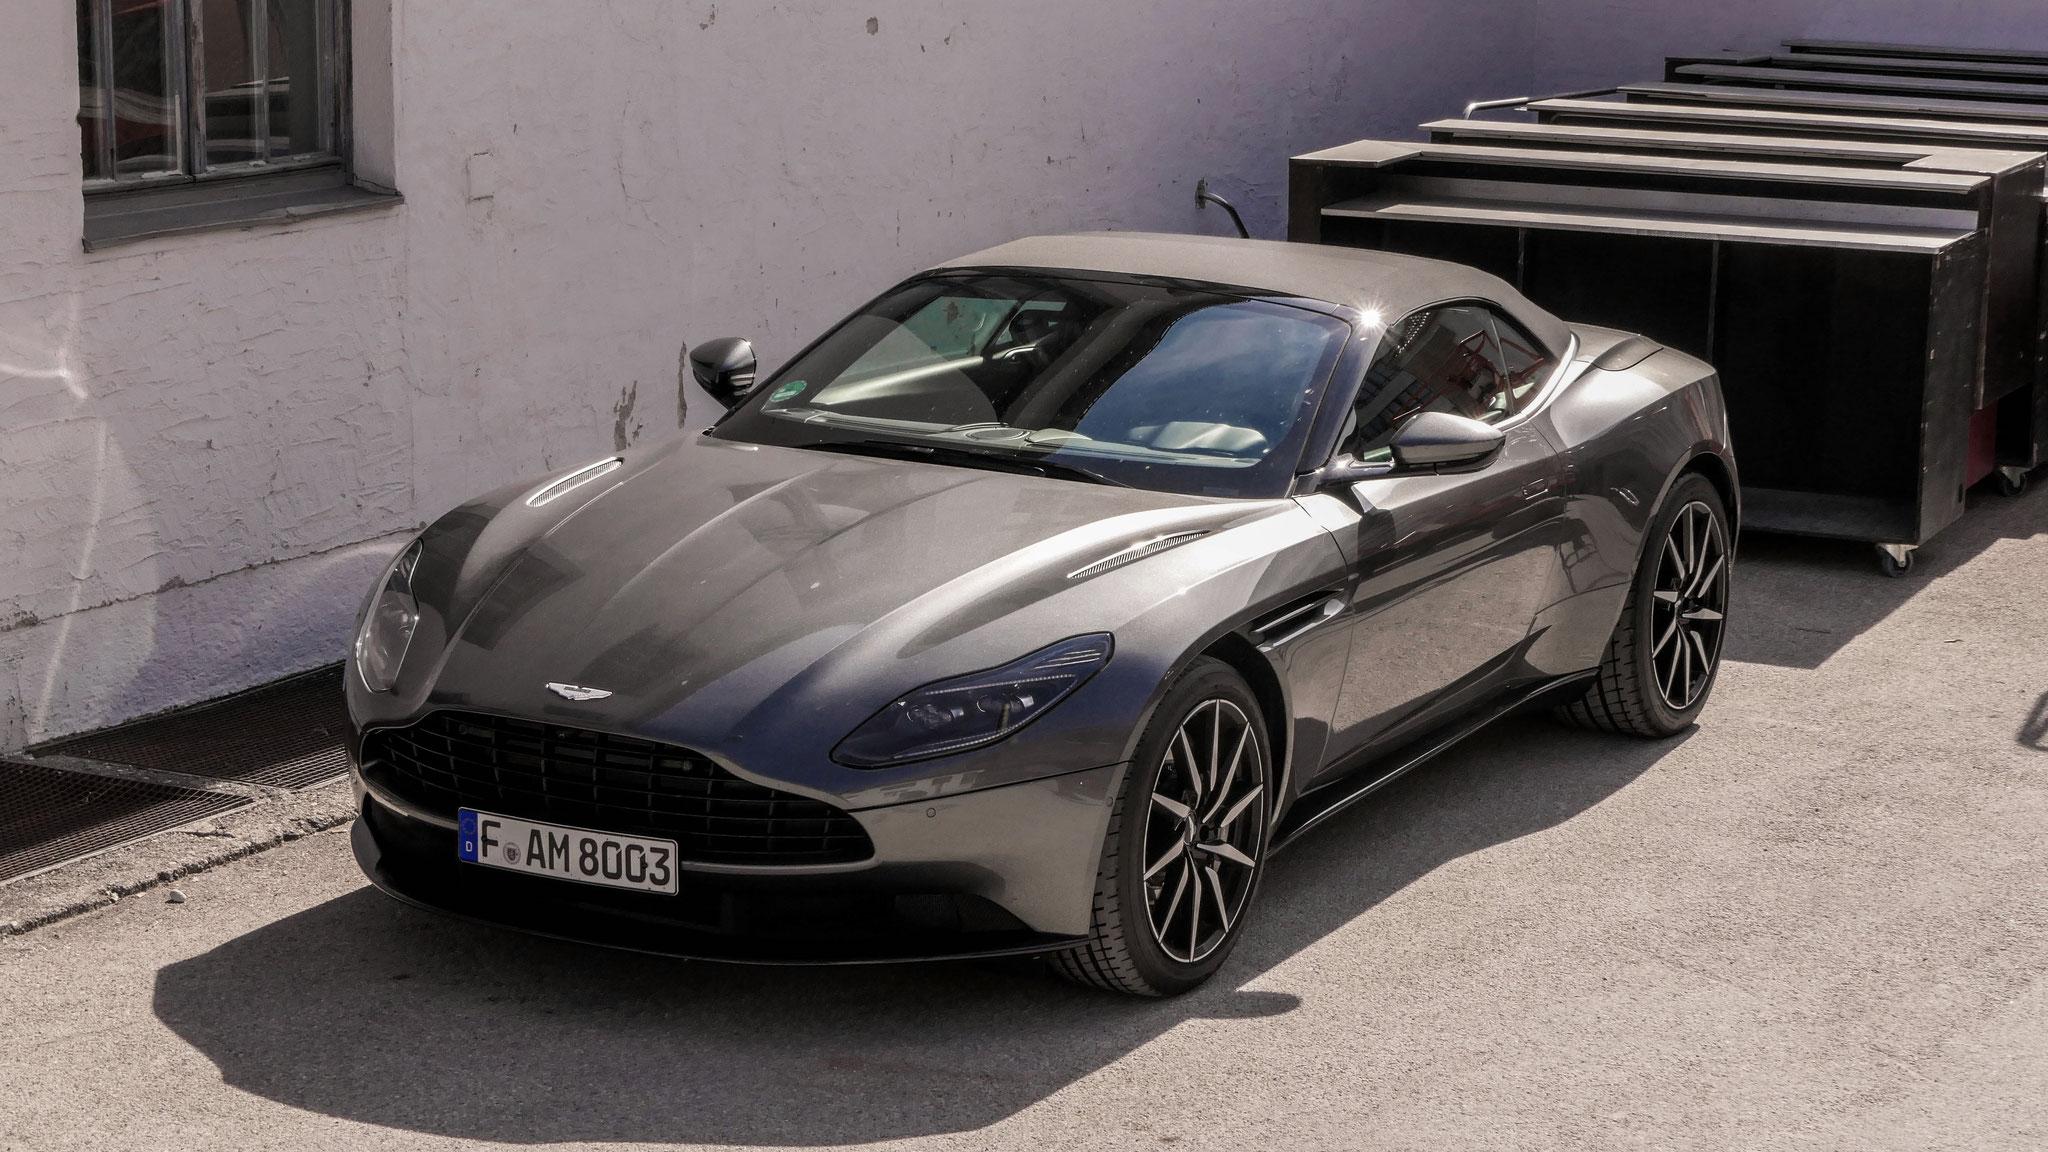 Aston Martin DB11 Volante - F-AM-8003